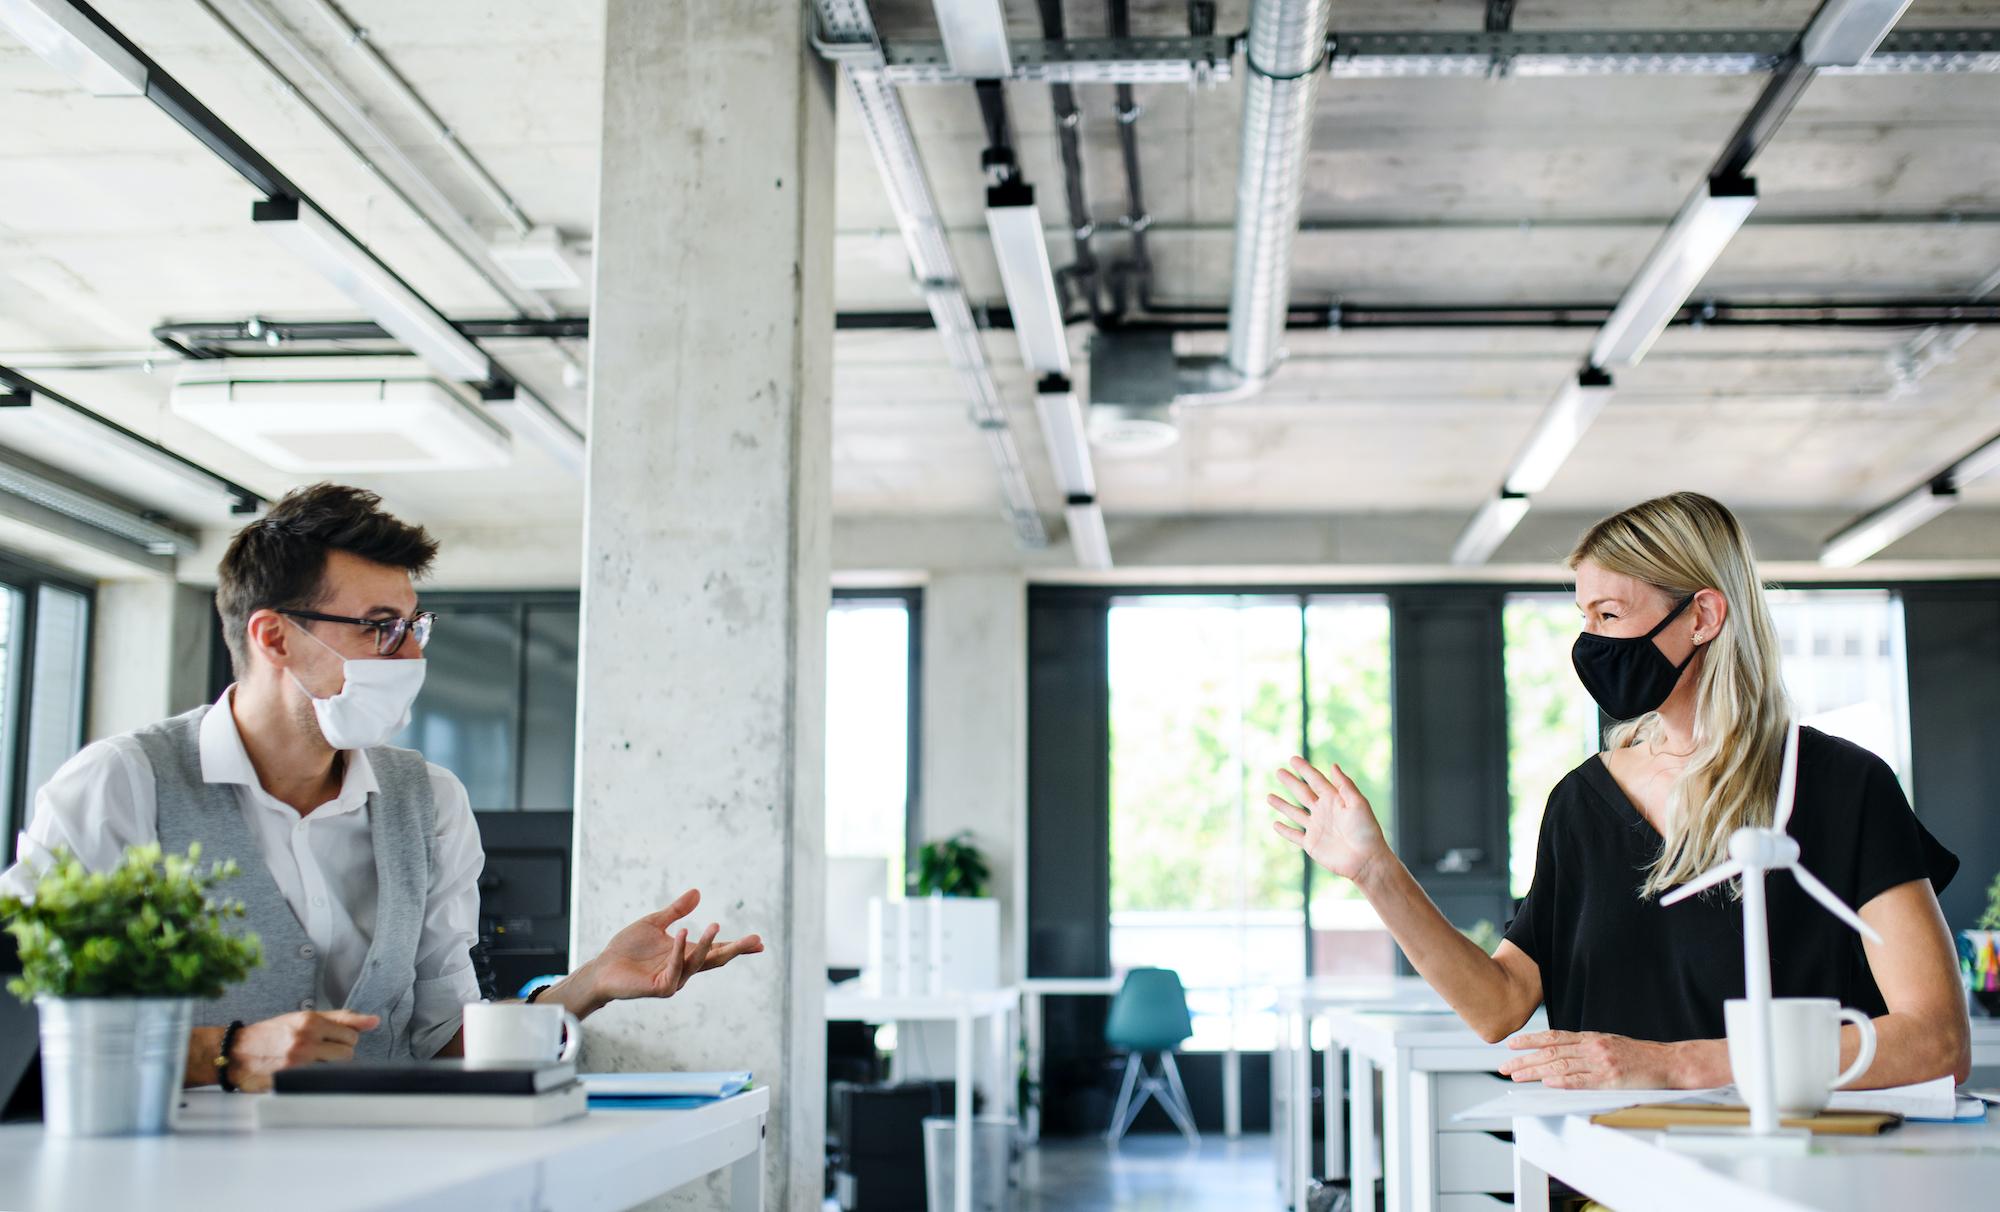 Część pracodawców uważa, że informacja o tym, który z pracowników się zaszczepił, to zbyt duża ingerencja pracodawcy w prywatne życie zatrudnionego. (Fot. Shutterstock)